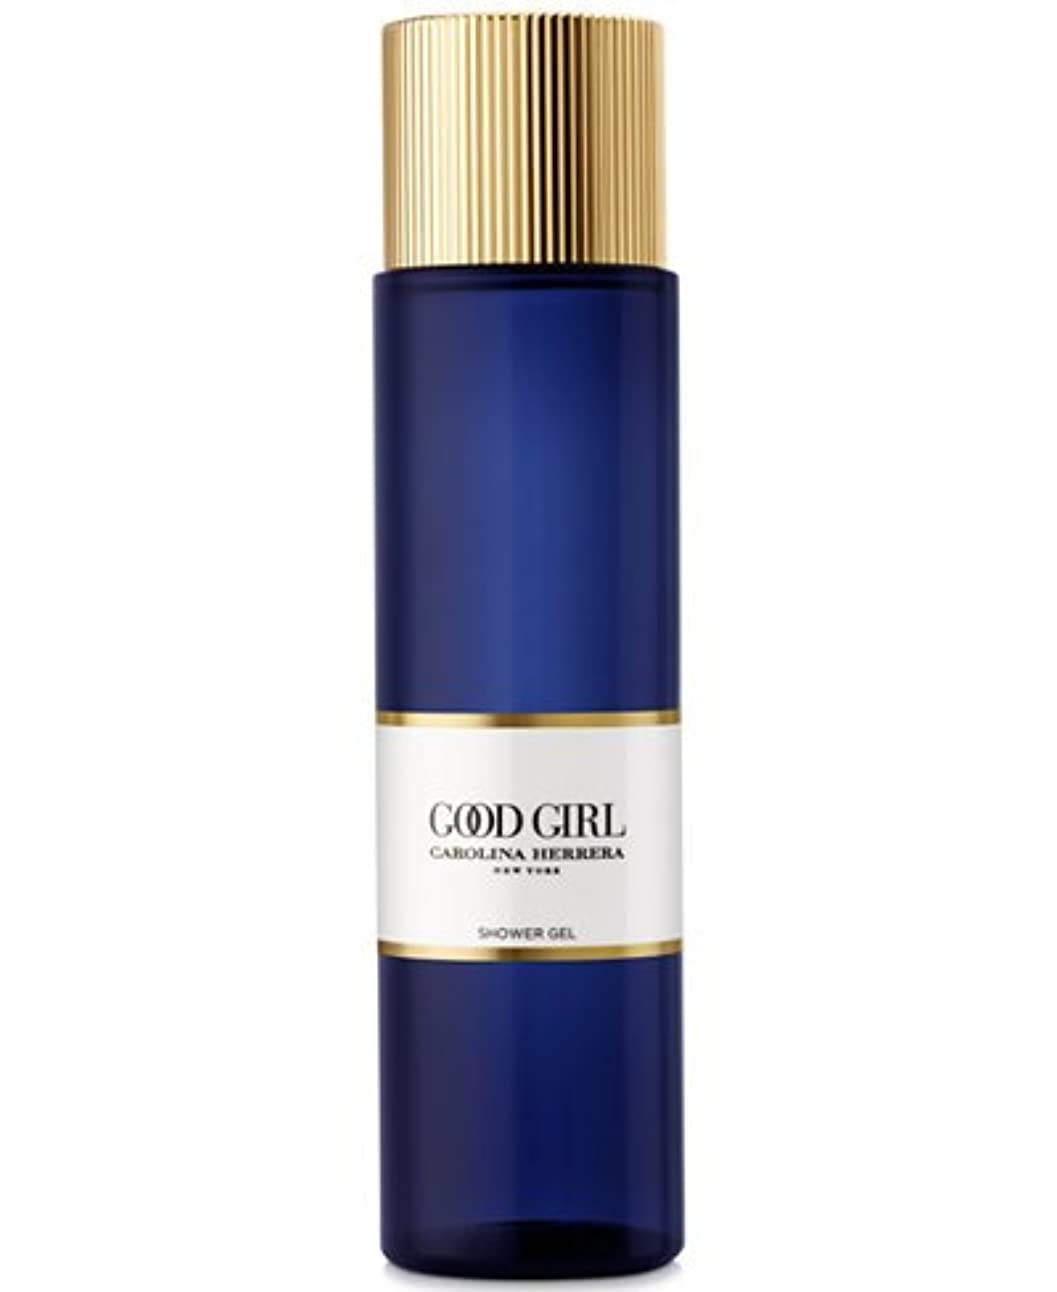 ウェイター移植見ましたGood Girl (グッド ガール) 6.8 oz (200ml) Shower Gel (シャワージェル) by Carolina Herrera for Women